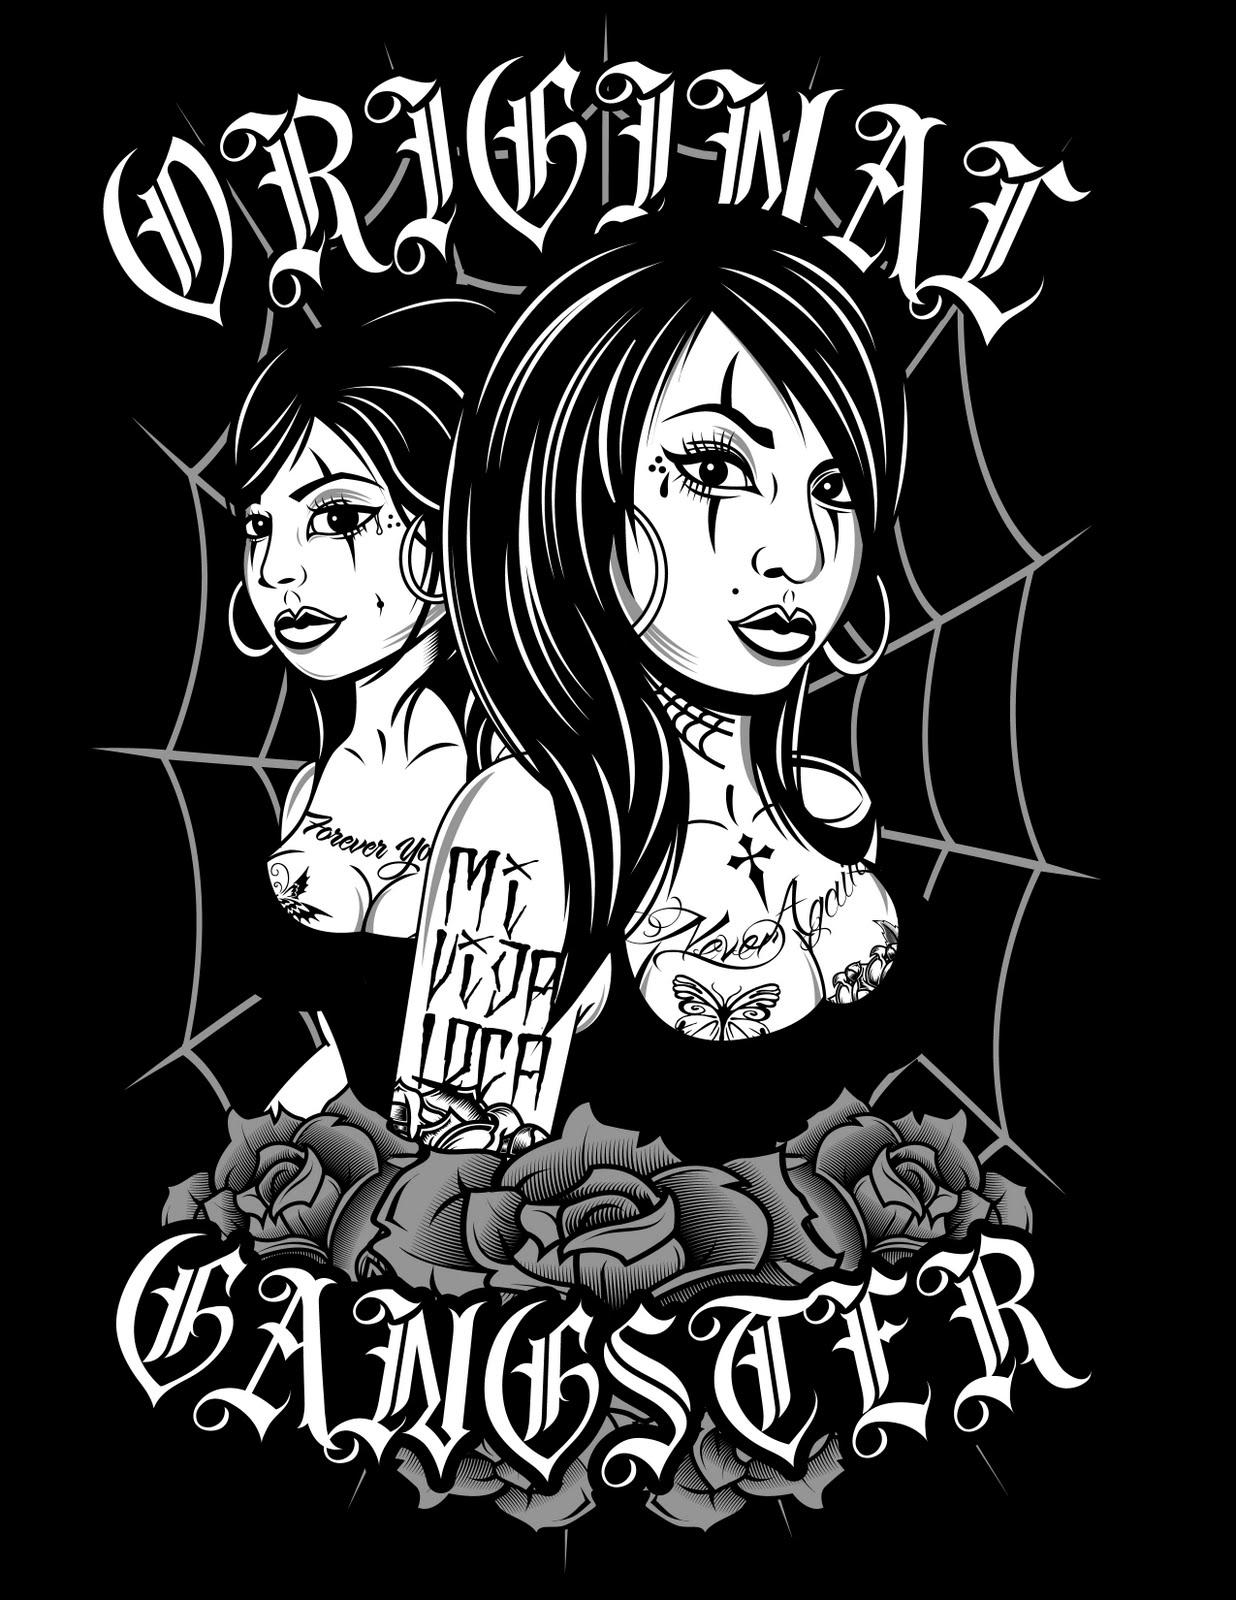 WESTKOAST GRAPHICS: NEW T-SHIRT FOR ORIGINAL GANGSTER APPARELGangsta Artwork